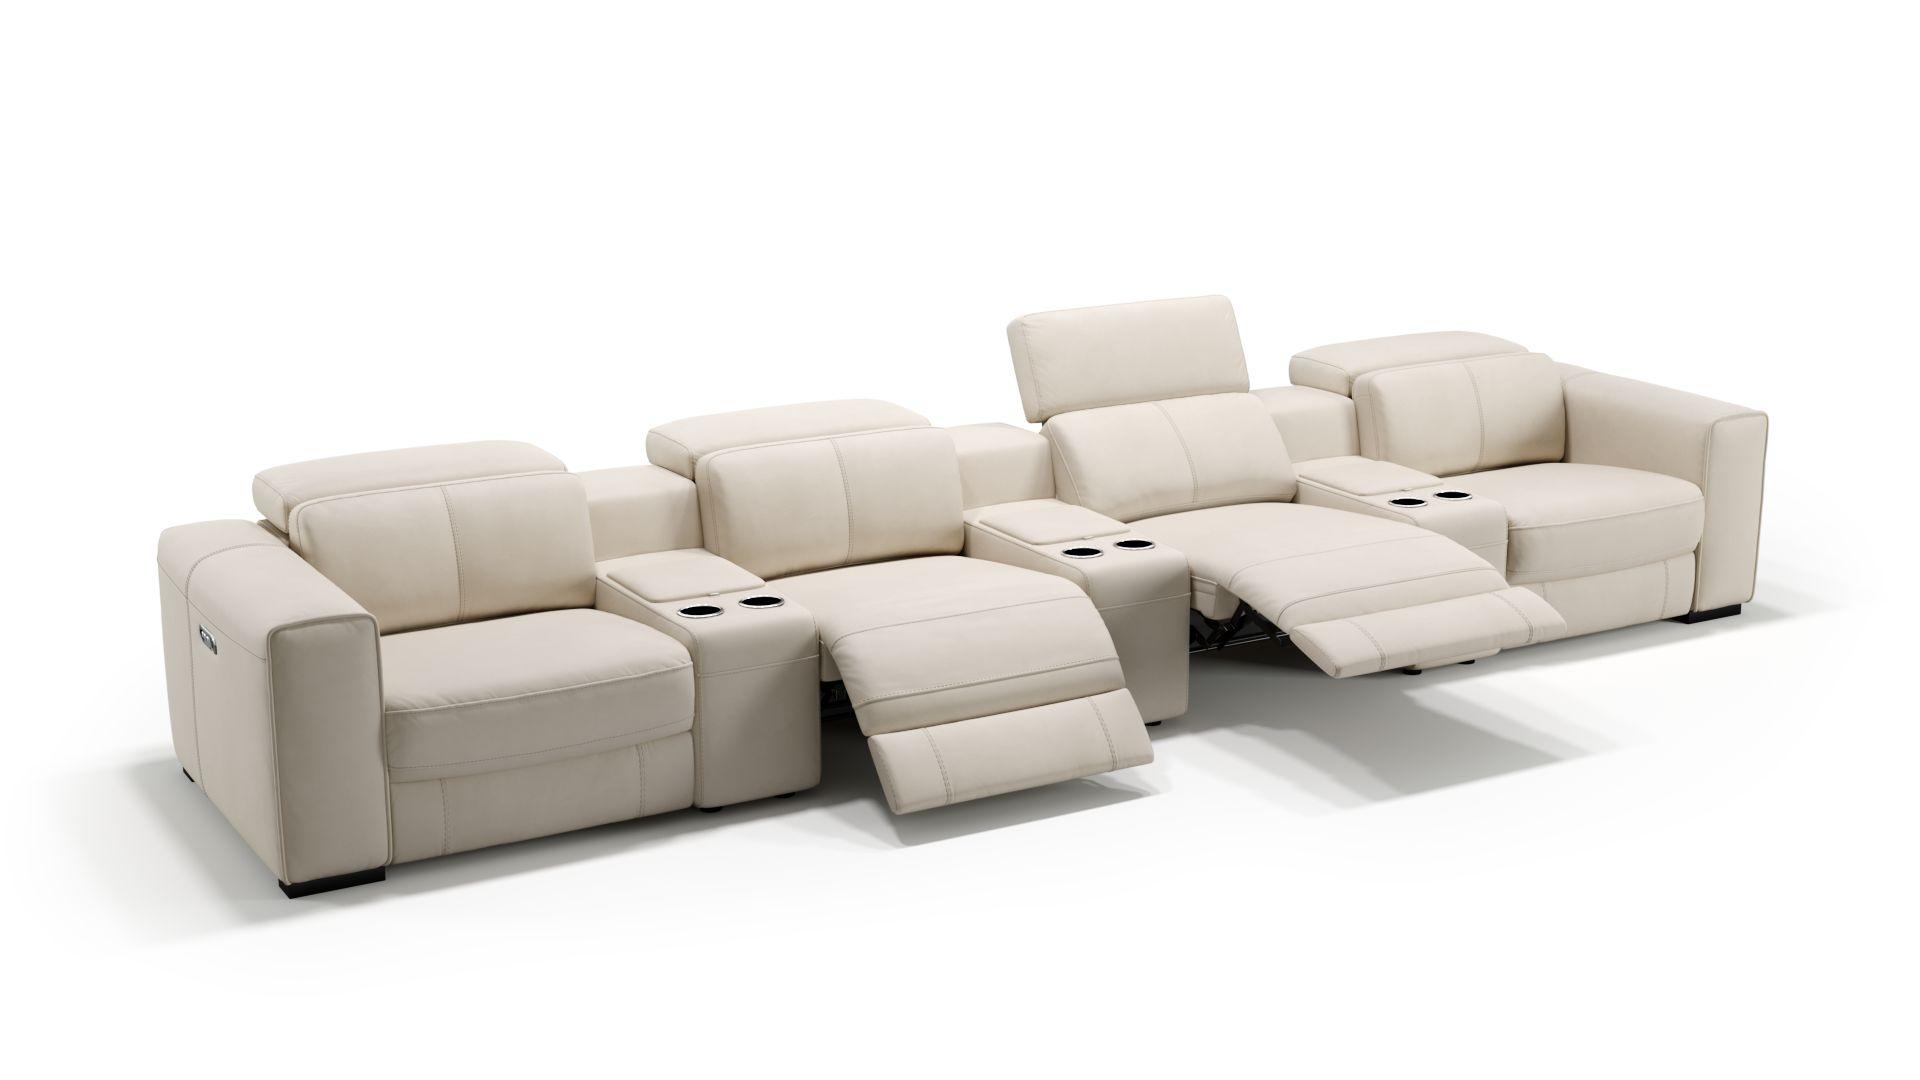 Leder 4-Sitzer Kinosofa mit drei Mittelkonsolen BOVINO